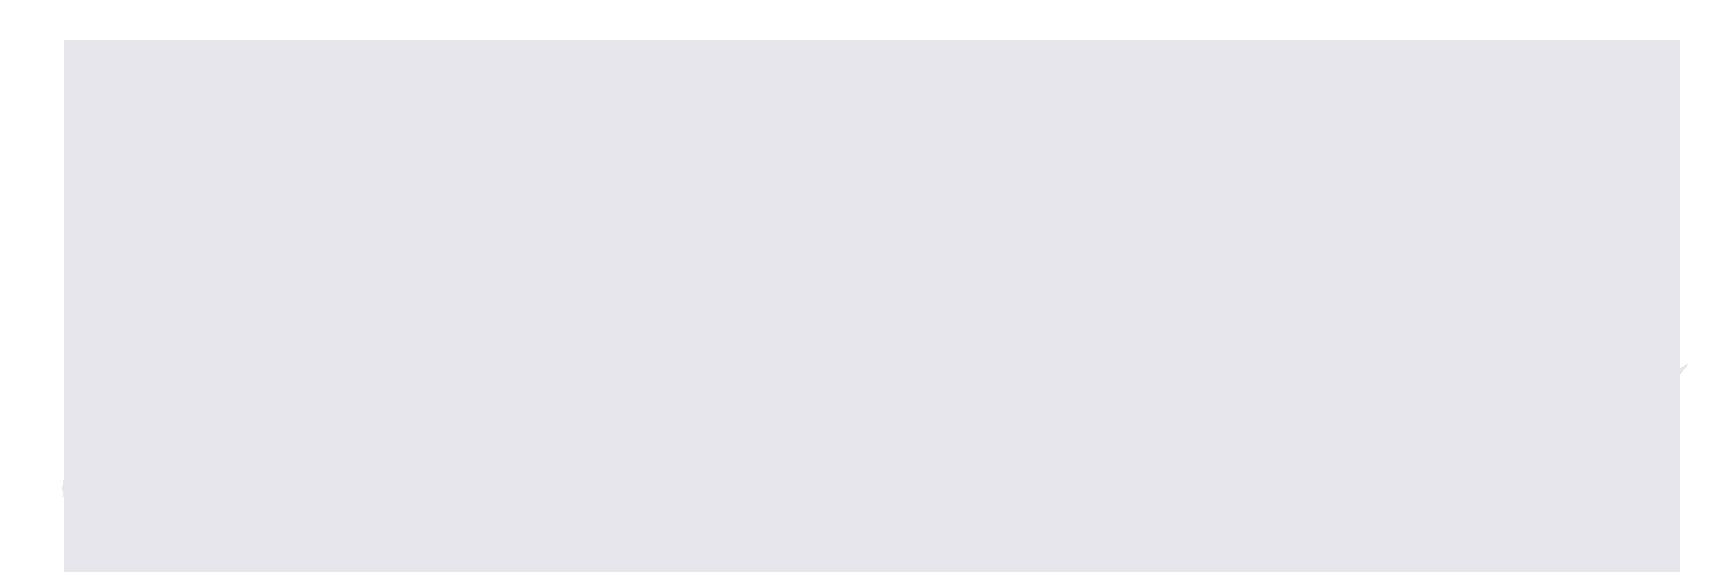 Södra Stockholms måleri